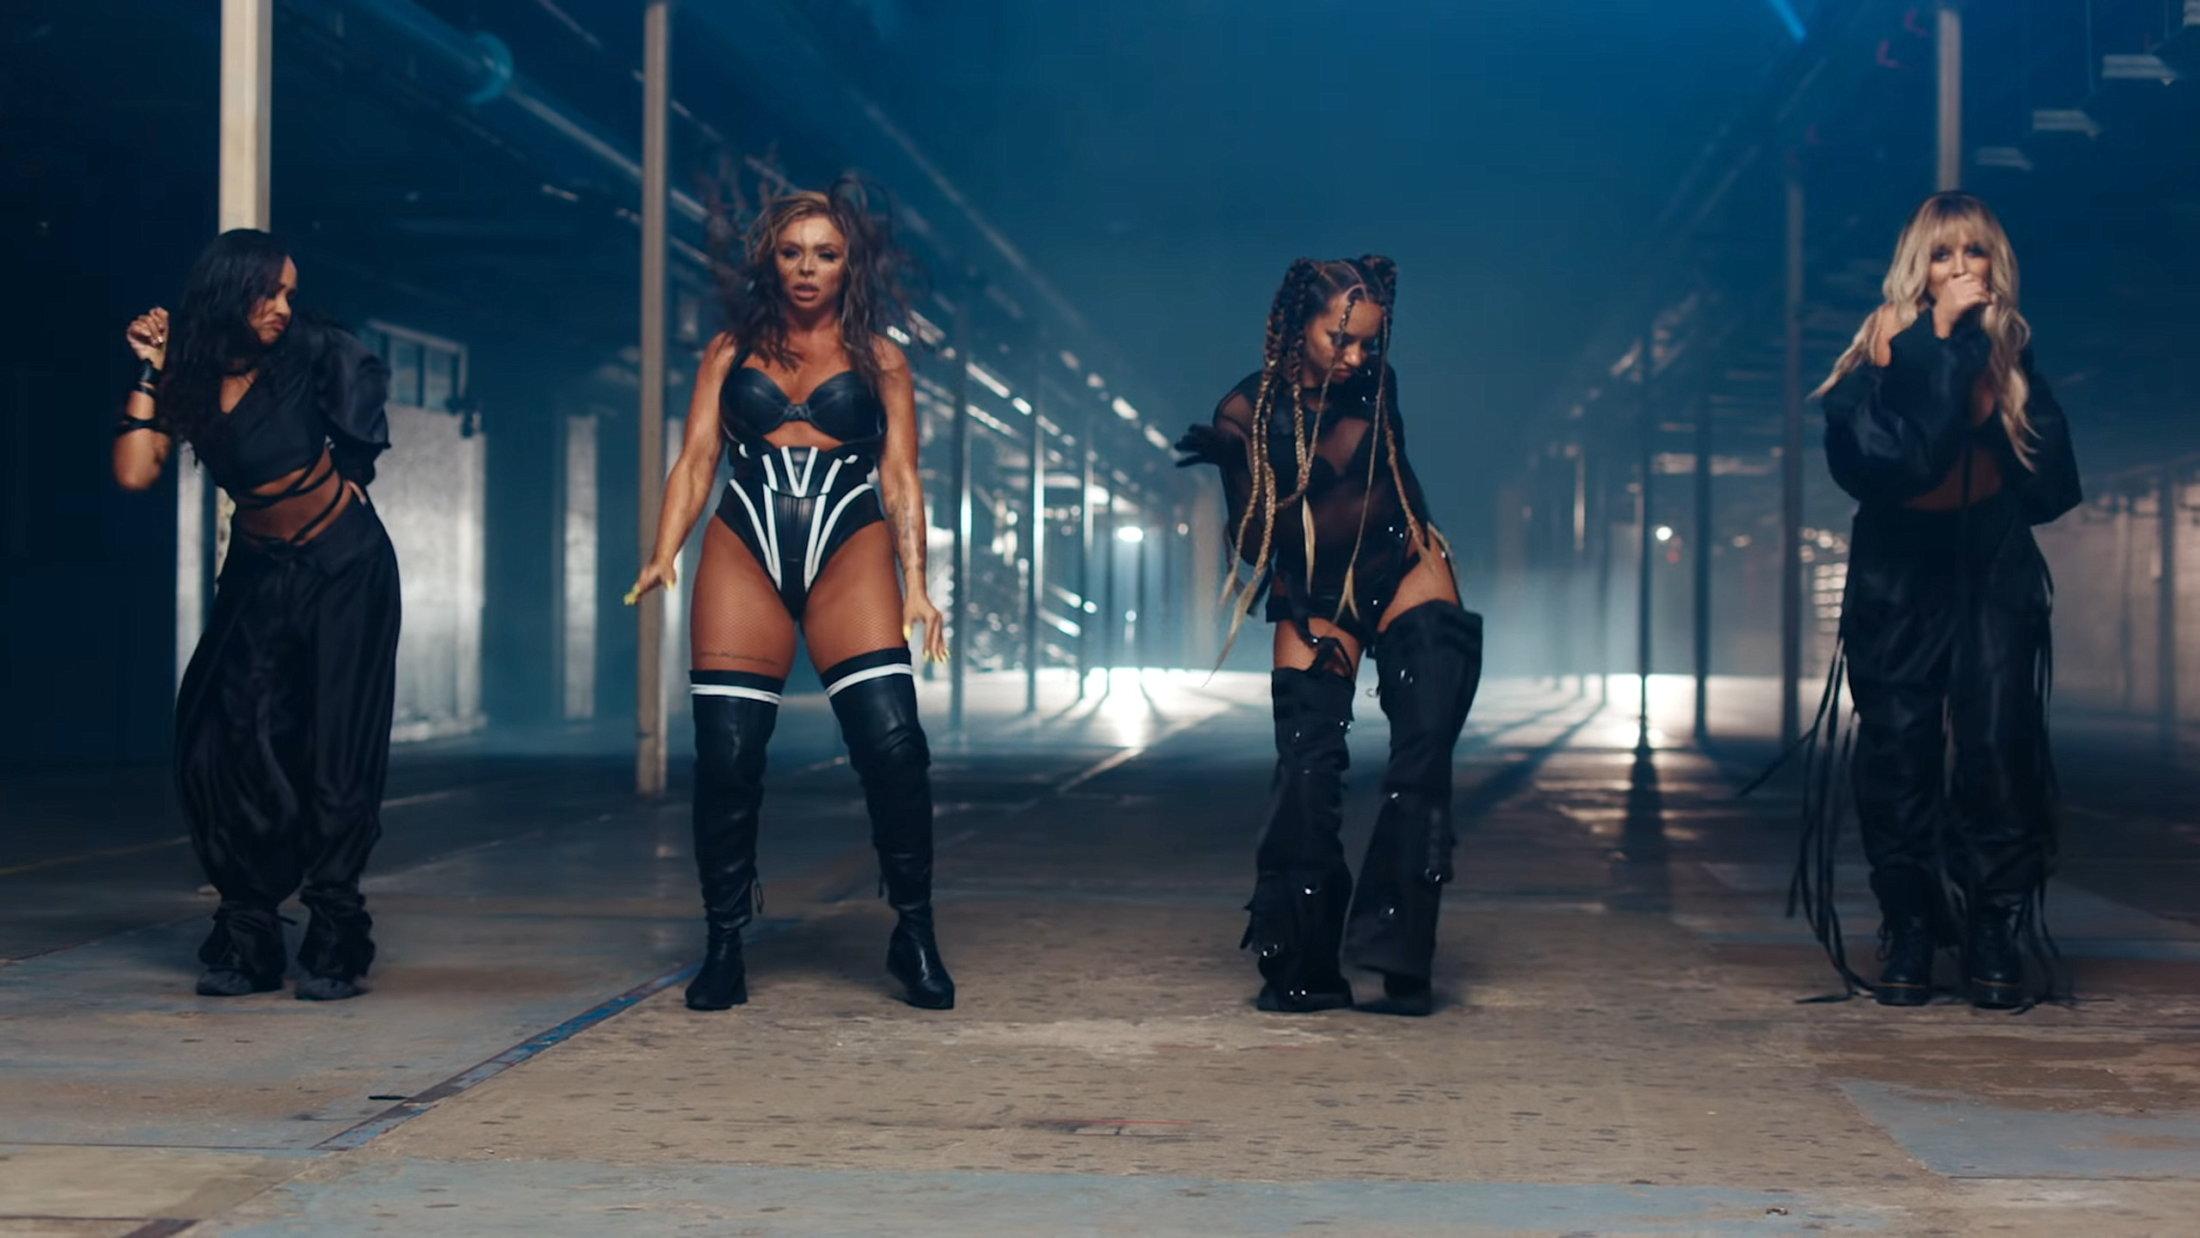 Little Mix - Sweet Melody (Official Video) 1-15 Screenshot